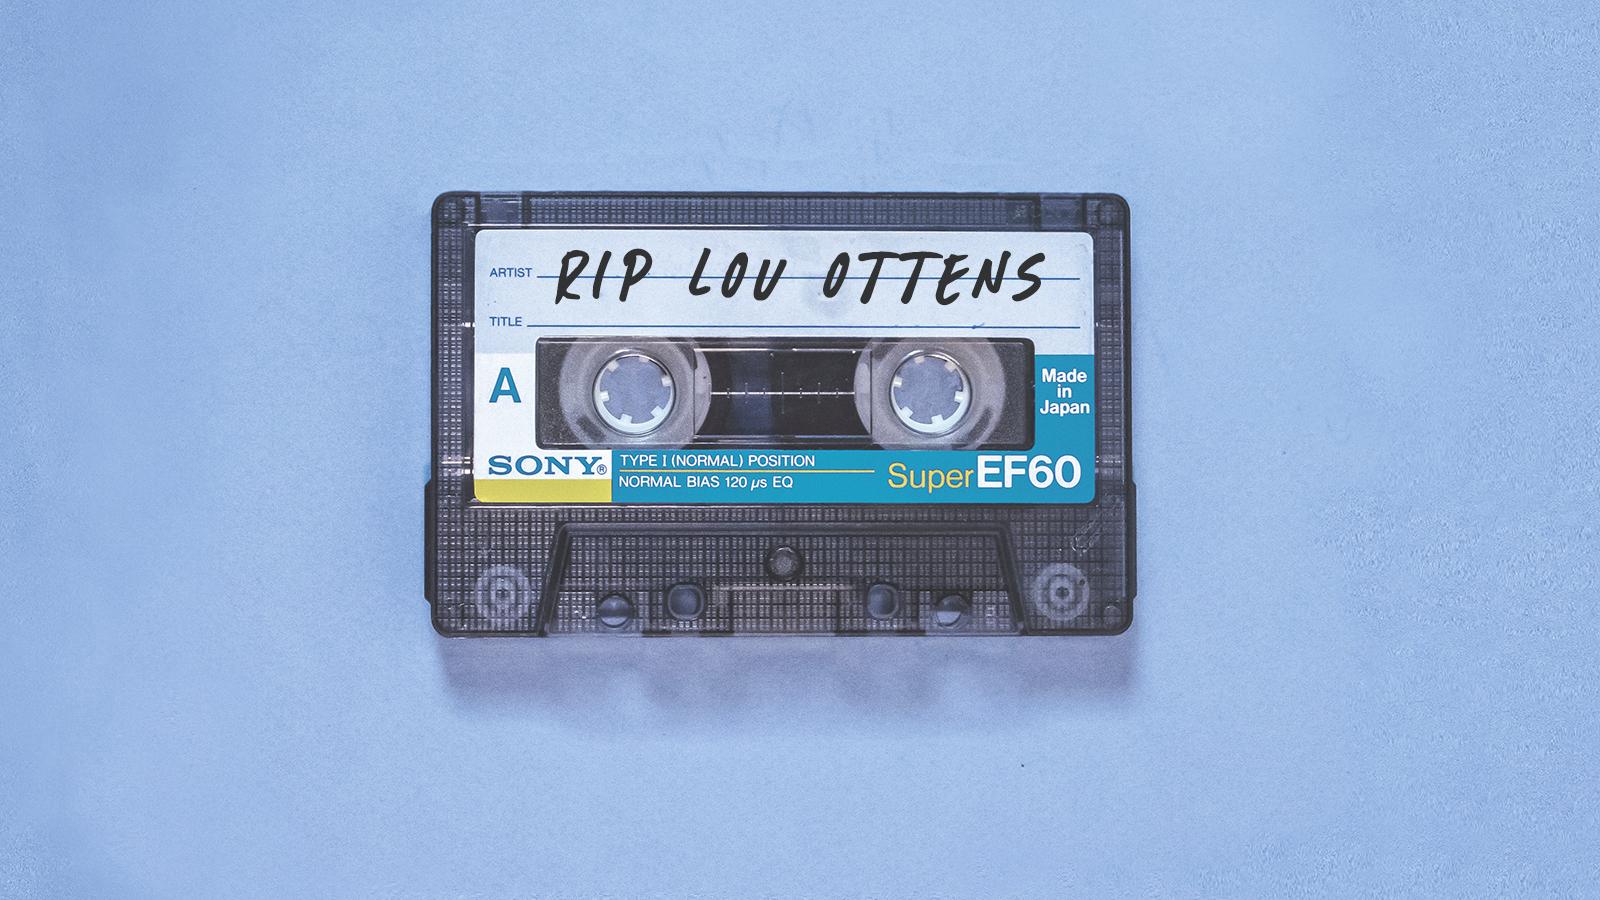 lou ottens cassette mixtaoe